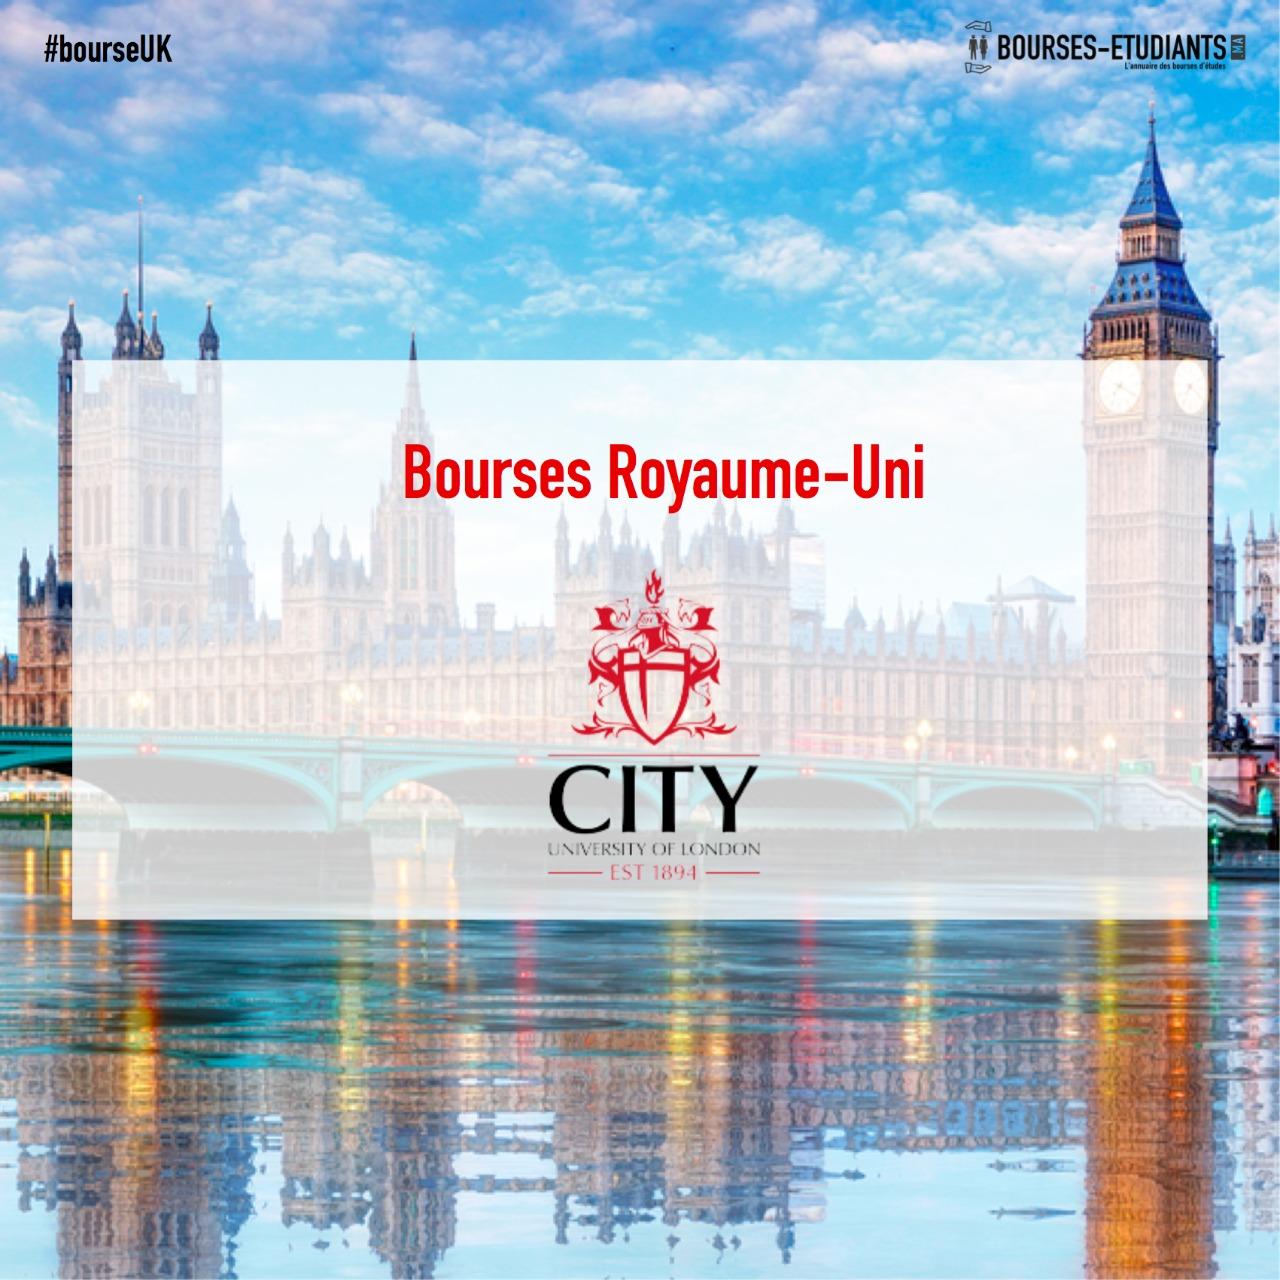 city-university-of-london-2020